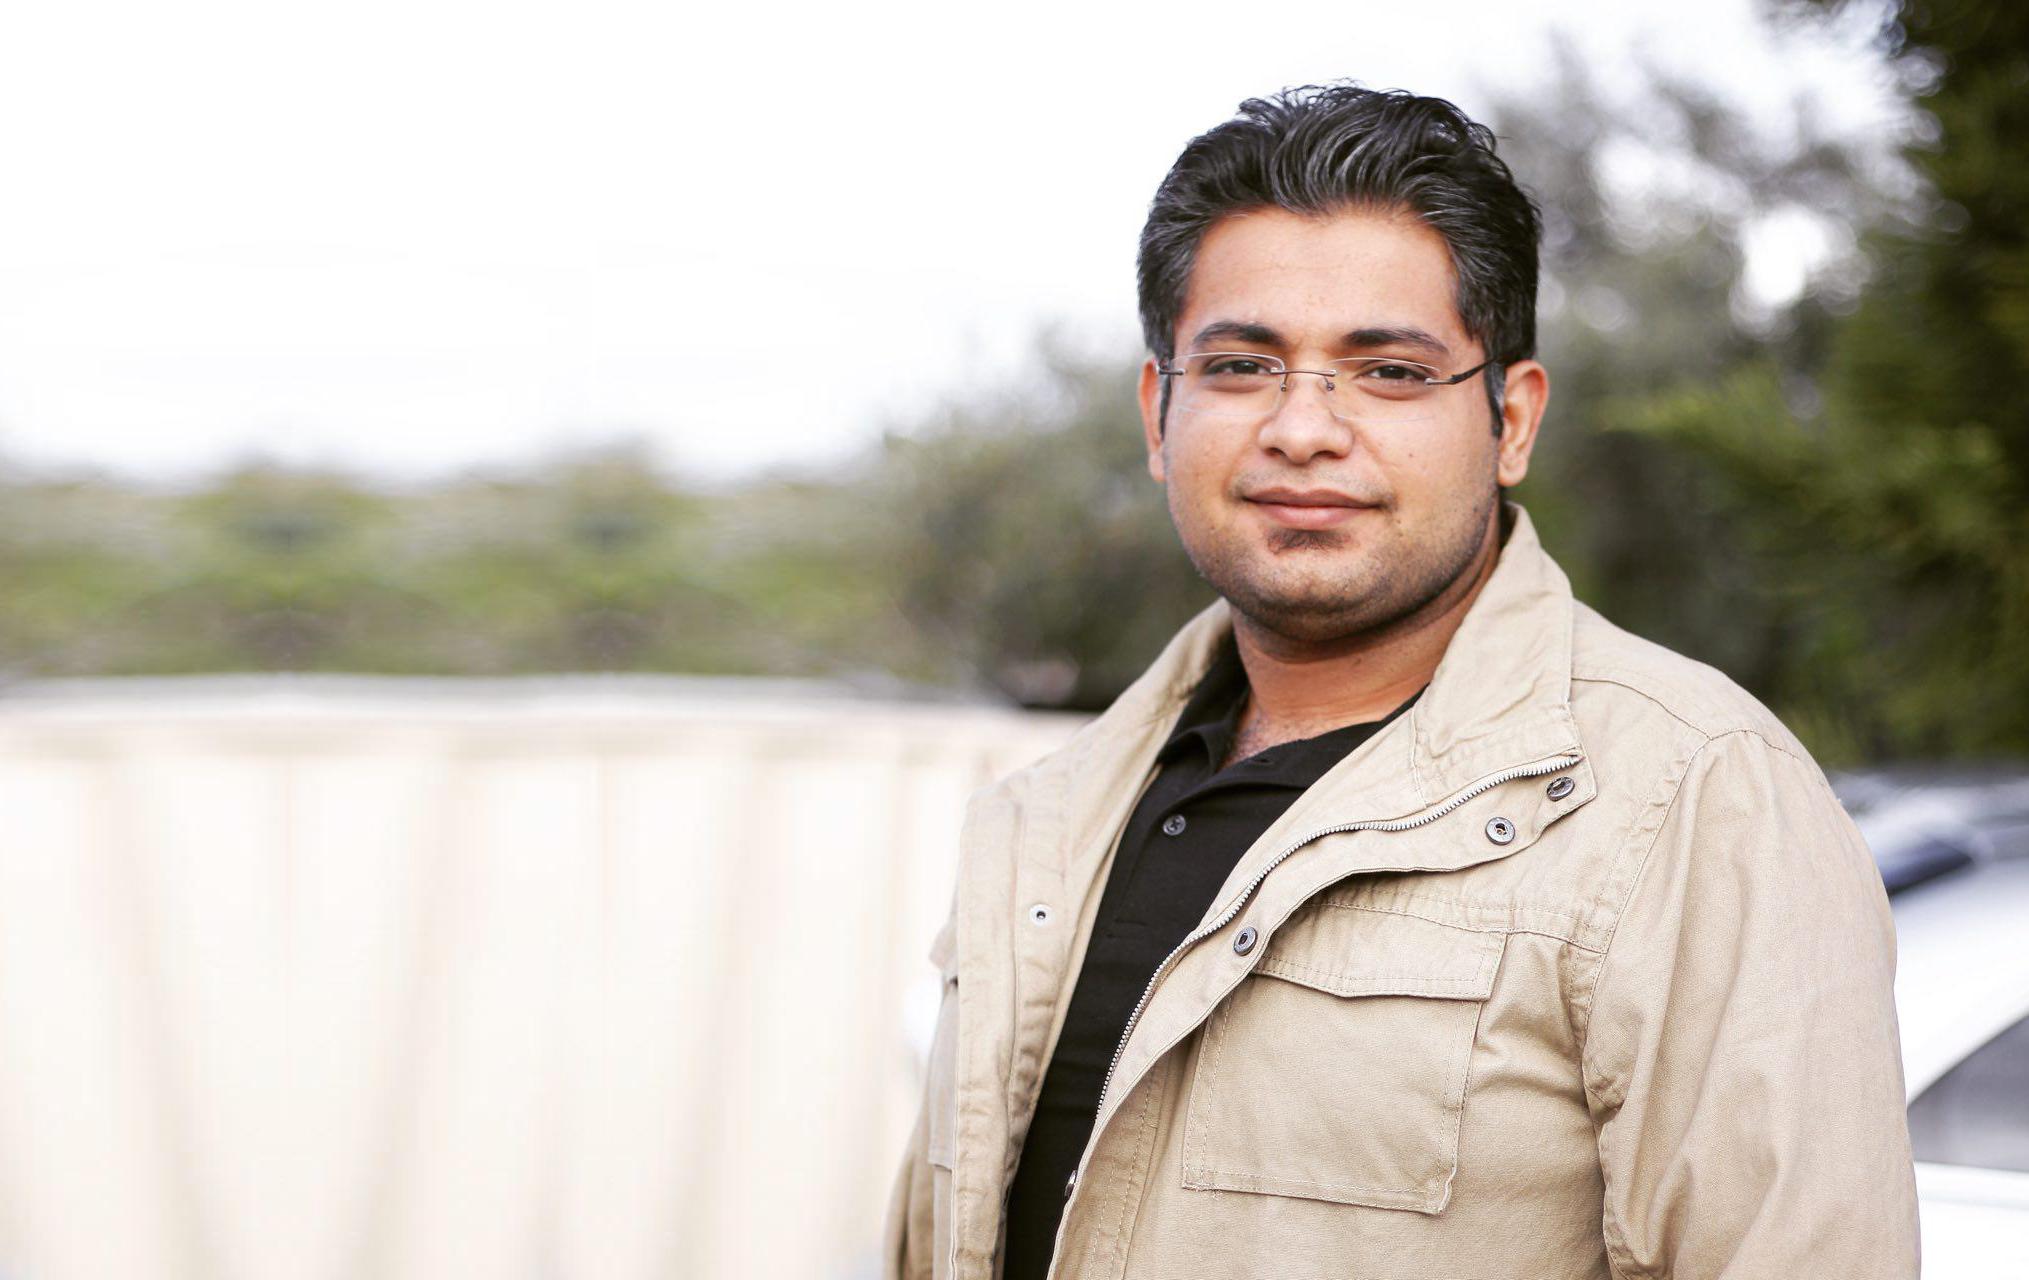 فرهاد نوری، یکی از مدیران وبسایت مجذوبان نور، پایگاه خبری دراویش گنابادی